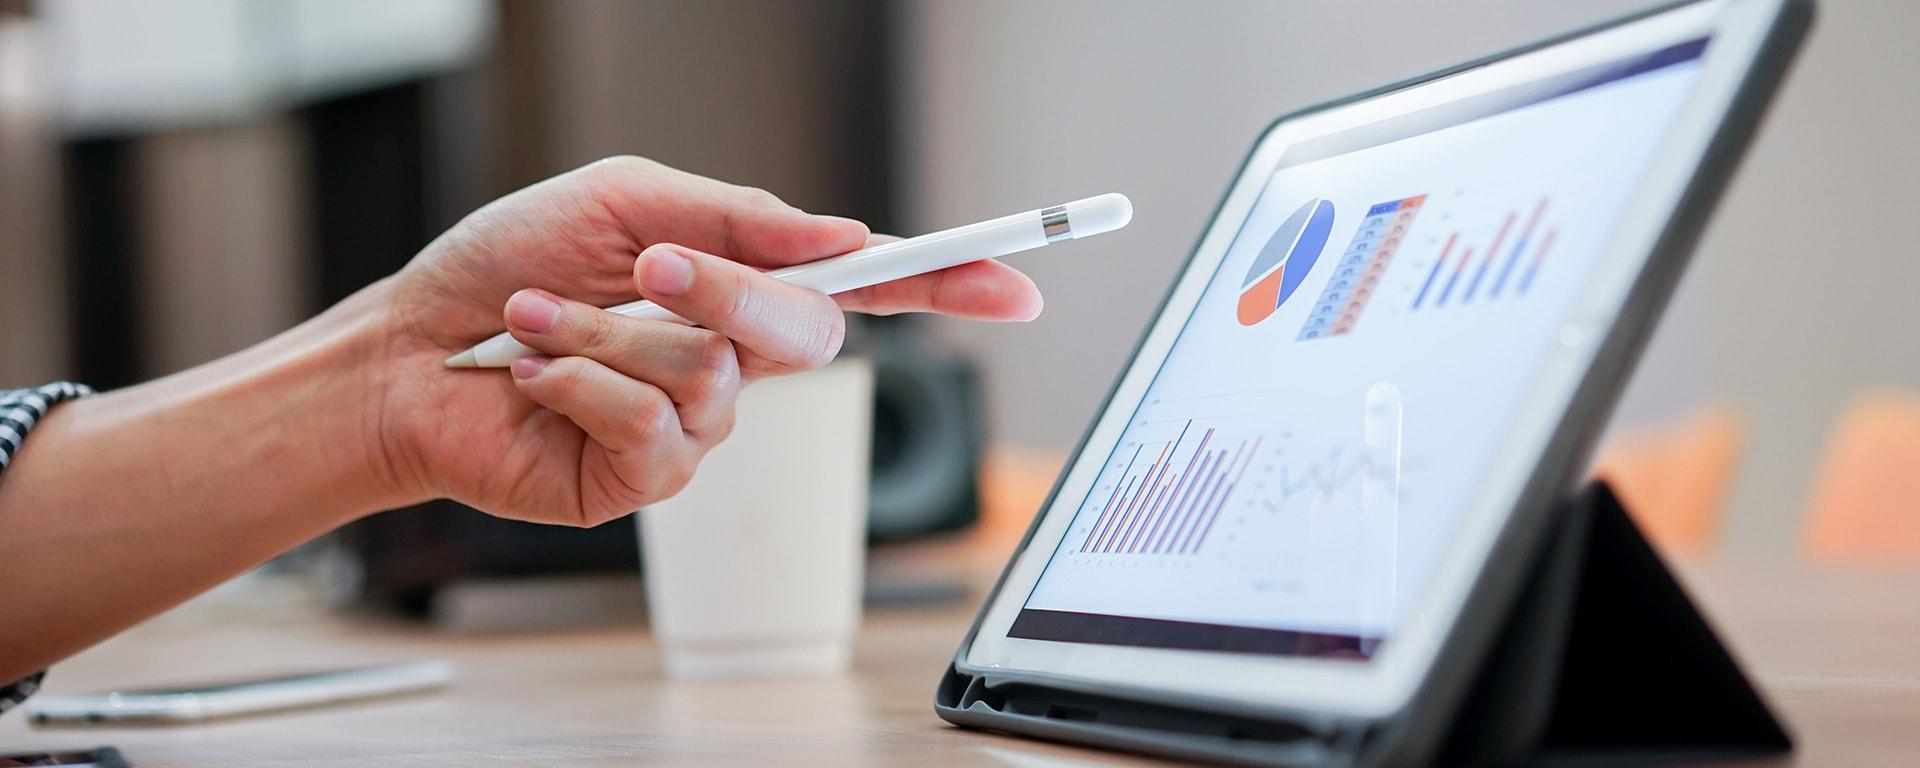 BPM für den Mittelstand - TMG-Studie-Tablet mit Tortendiagrammen